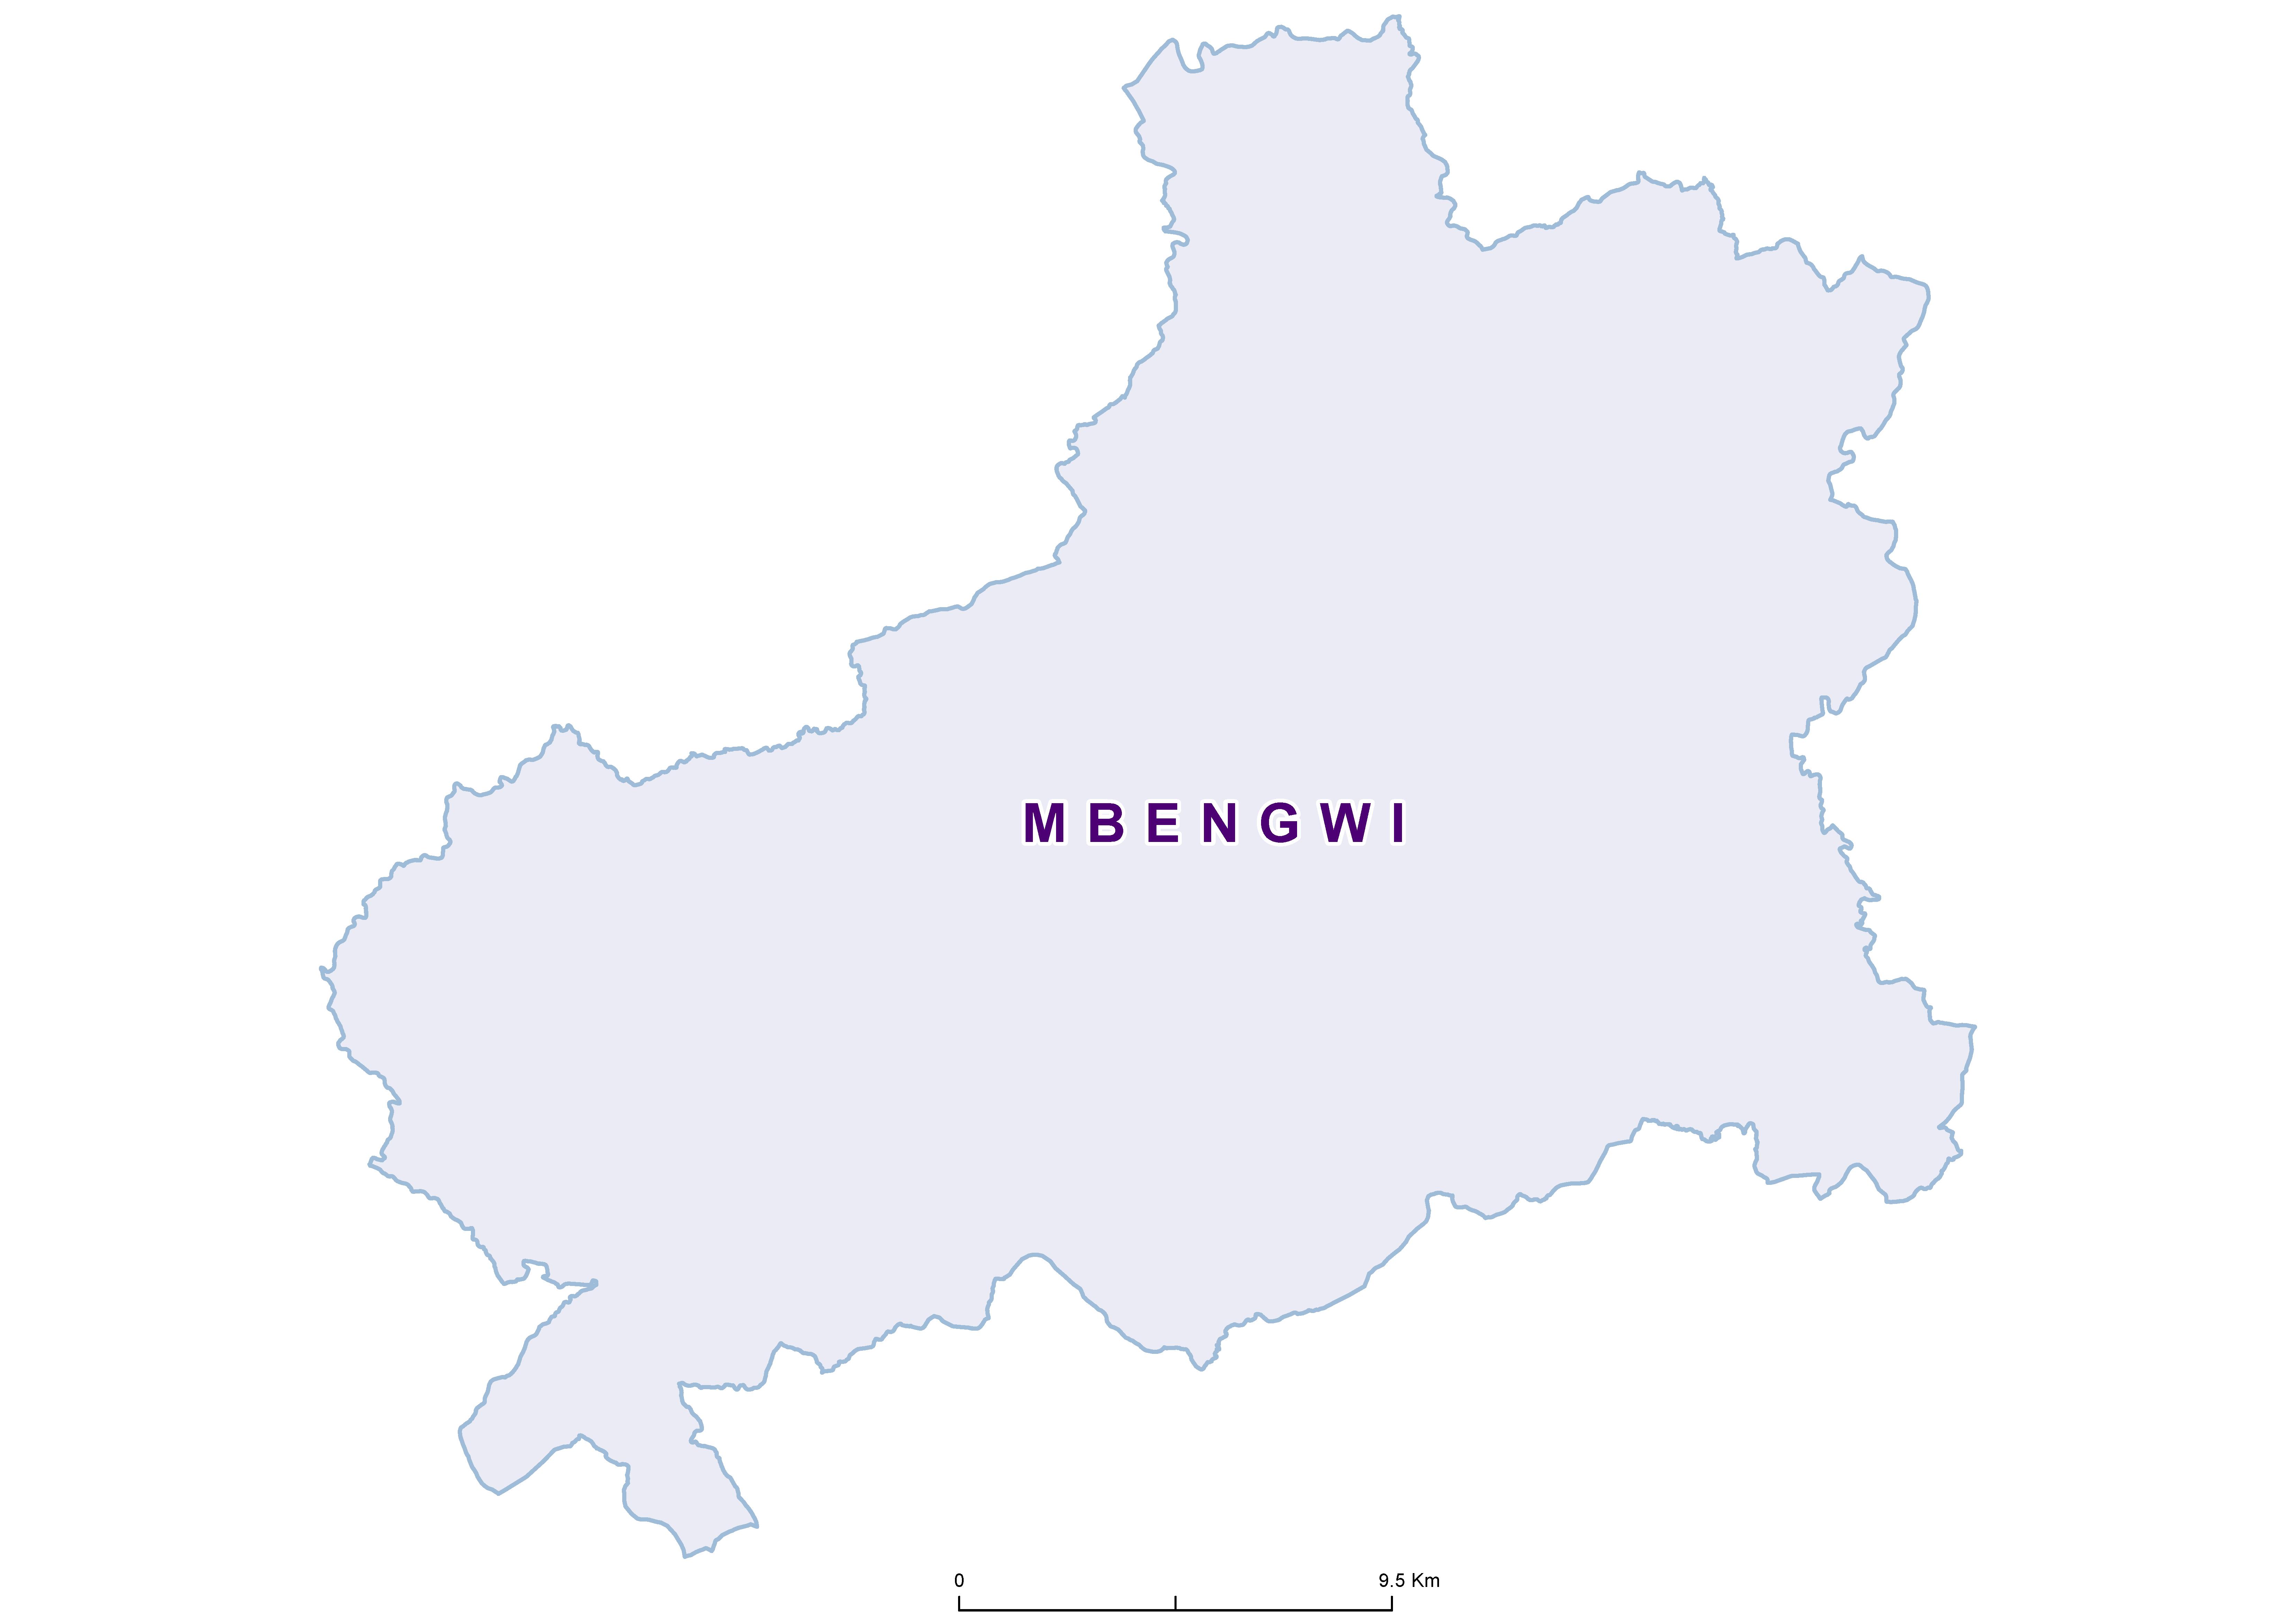 Mbengwi Mean SCH 19850001